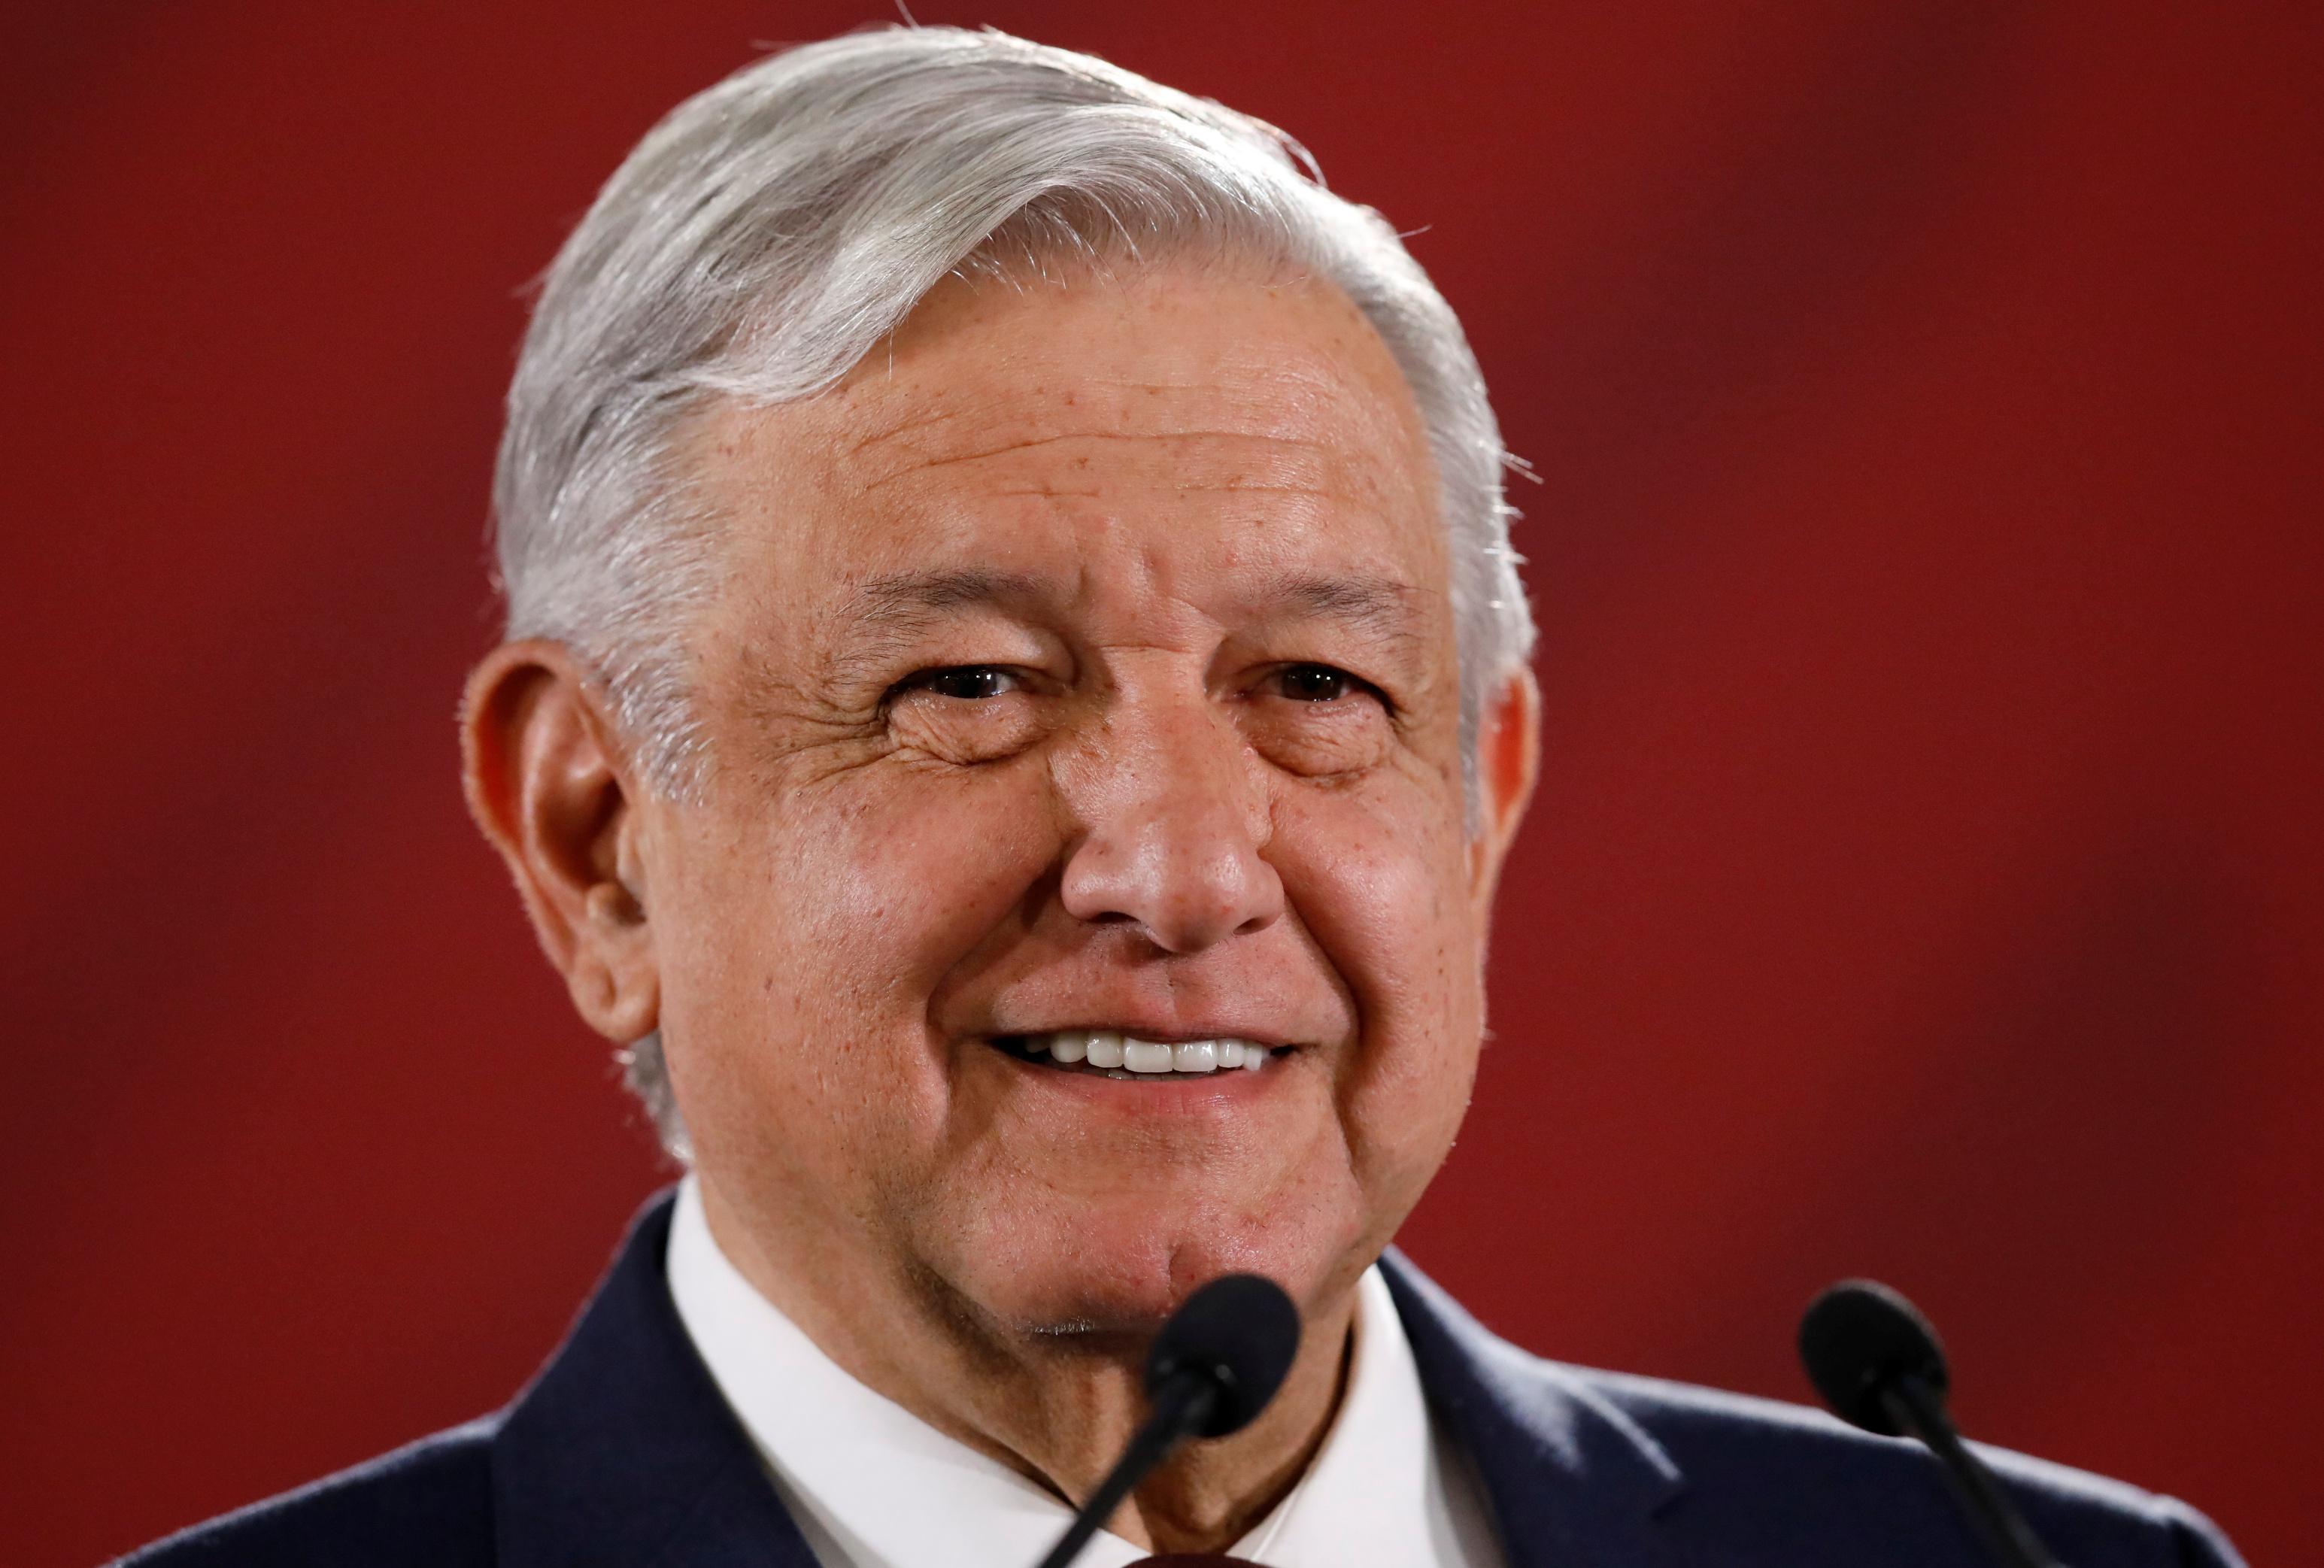 Mexico first to ratify USMCA trade deal, Trump presses U.S. Congress to do same